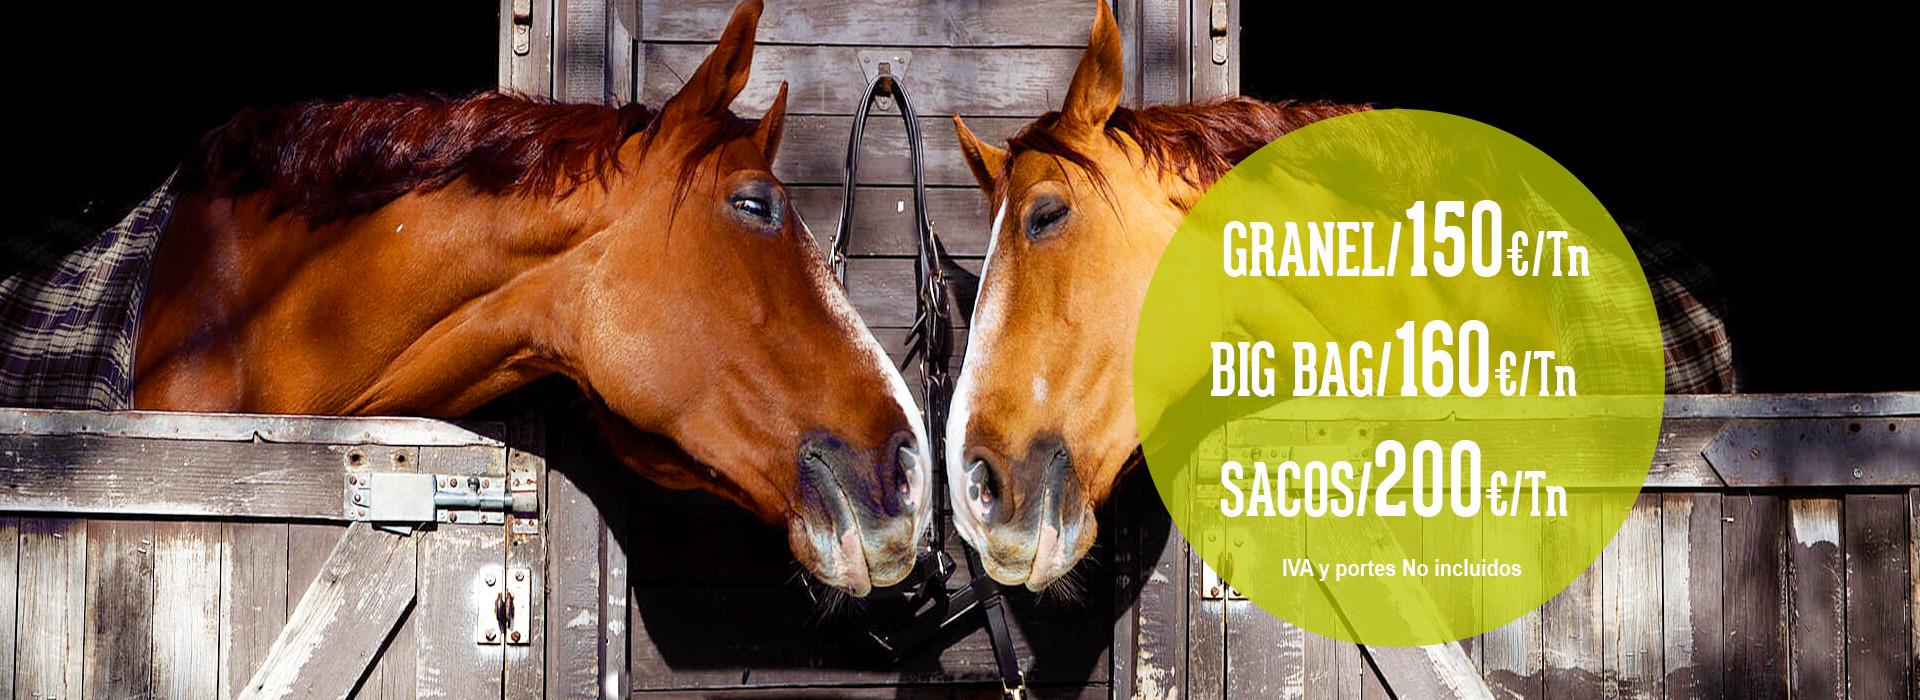 pellets_biomasa_slider_precios-caballos